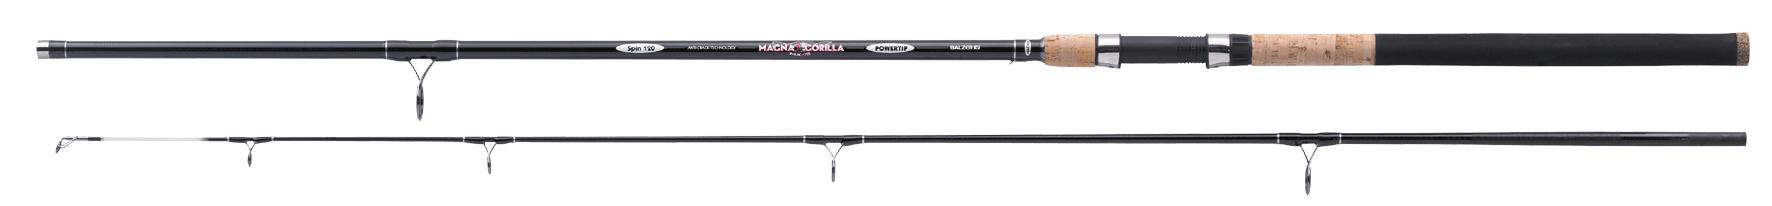 Magna MX-3 Gorilla